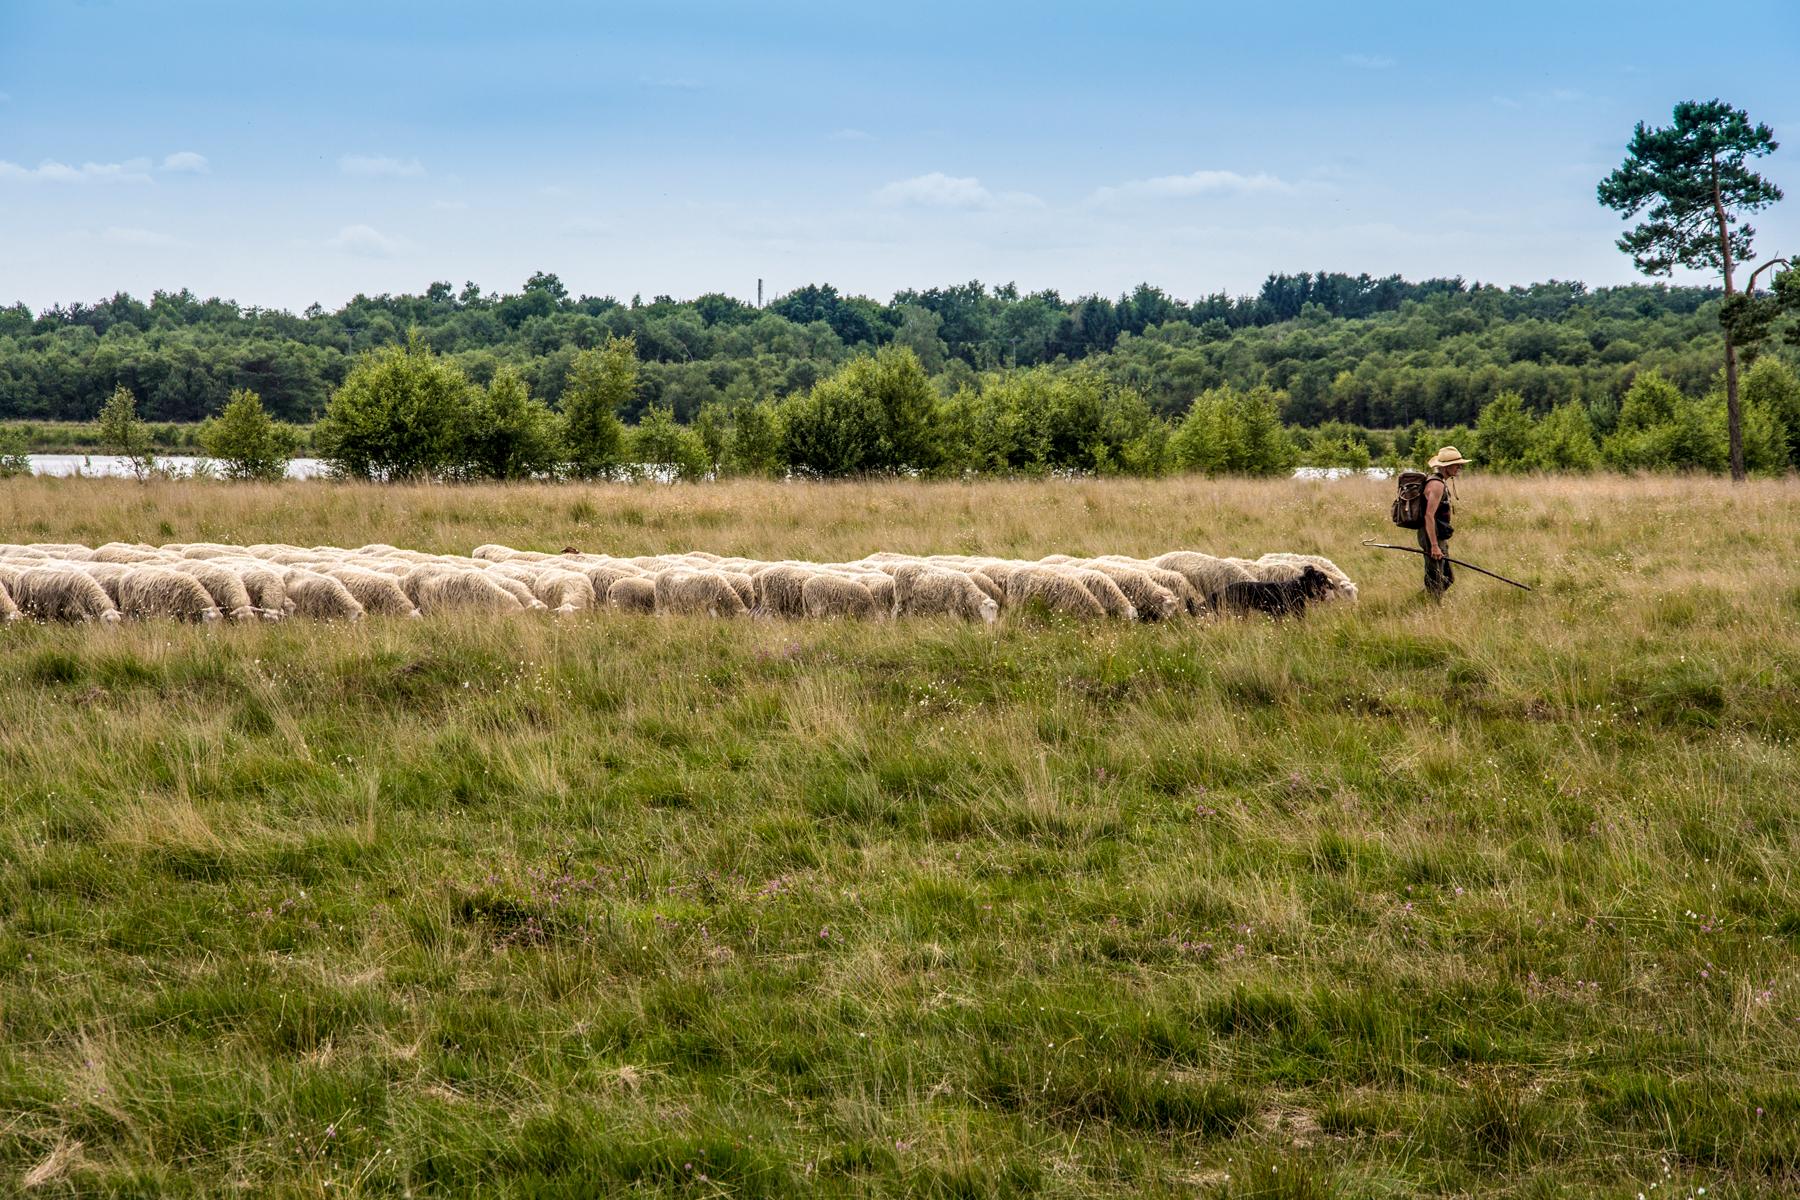 Sheep at Wietingsmoor, Germany